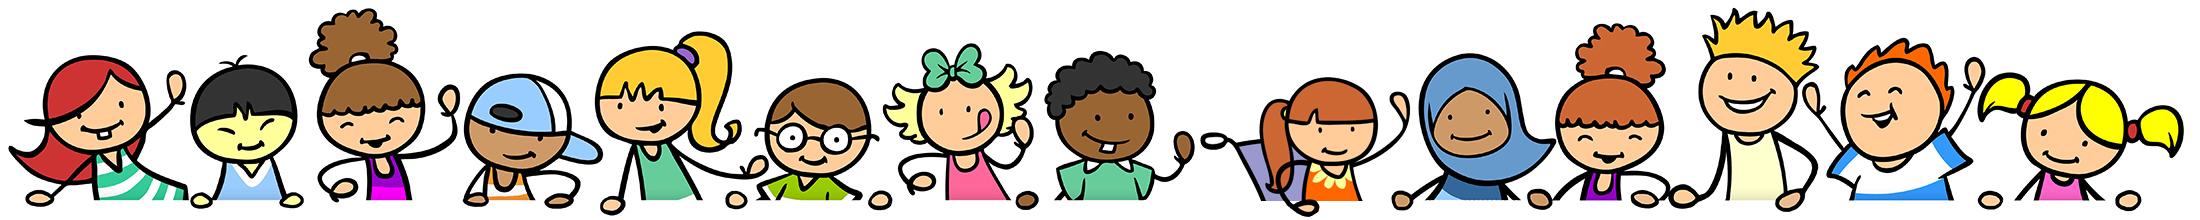 multikulturelle Kinder